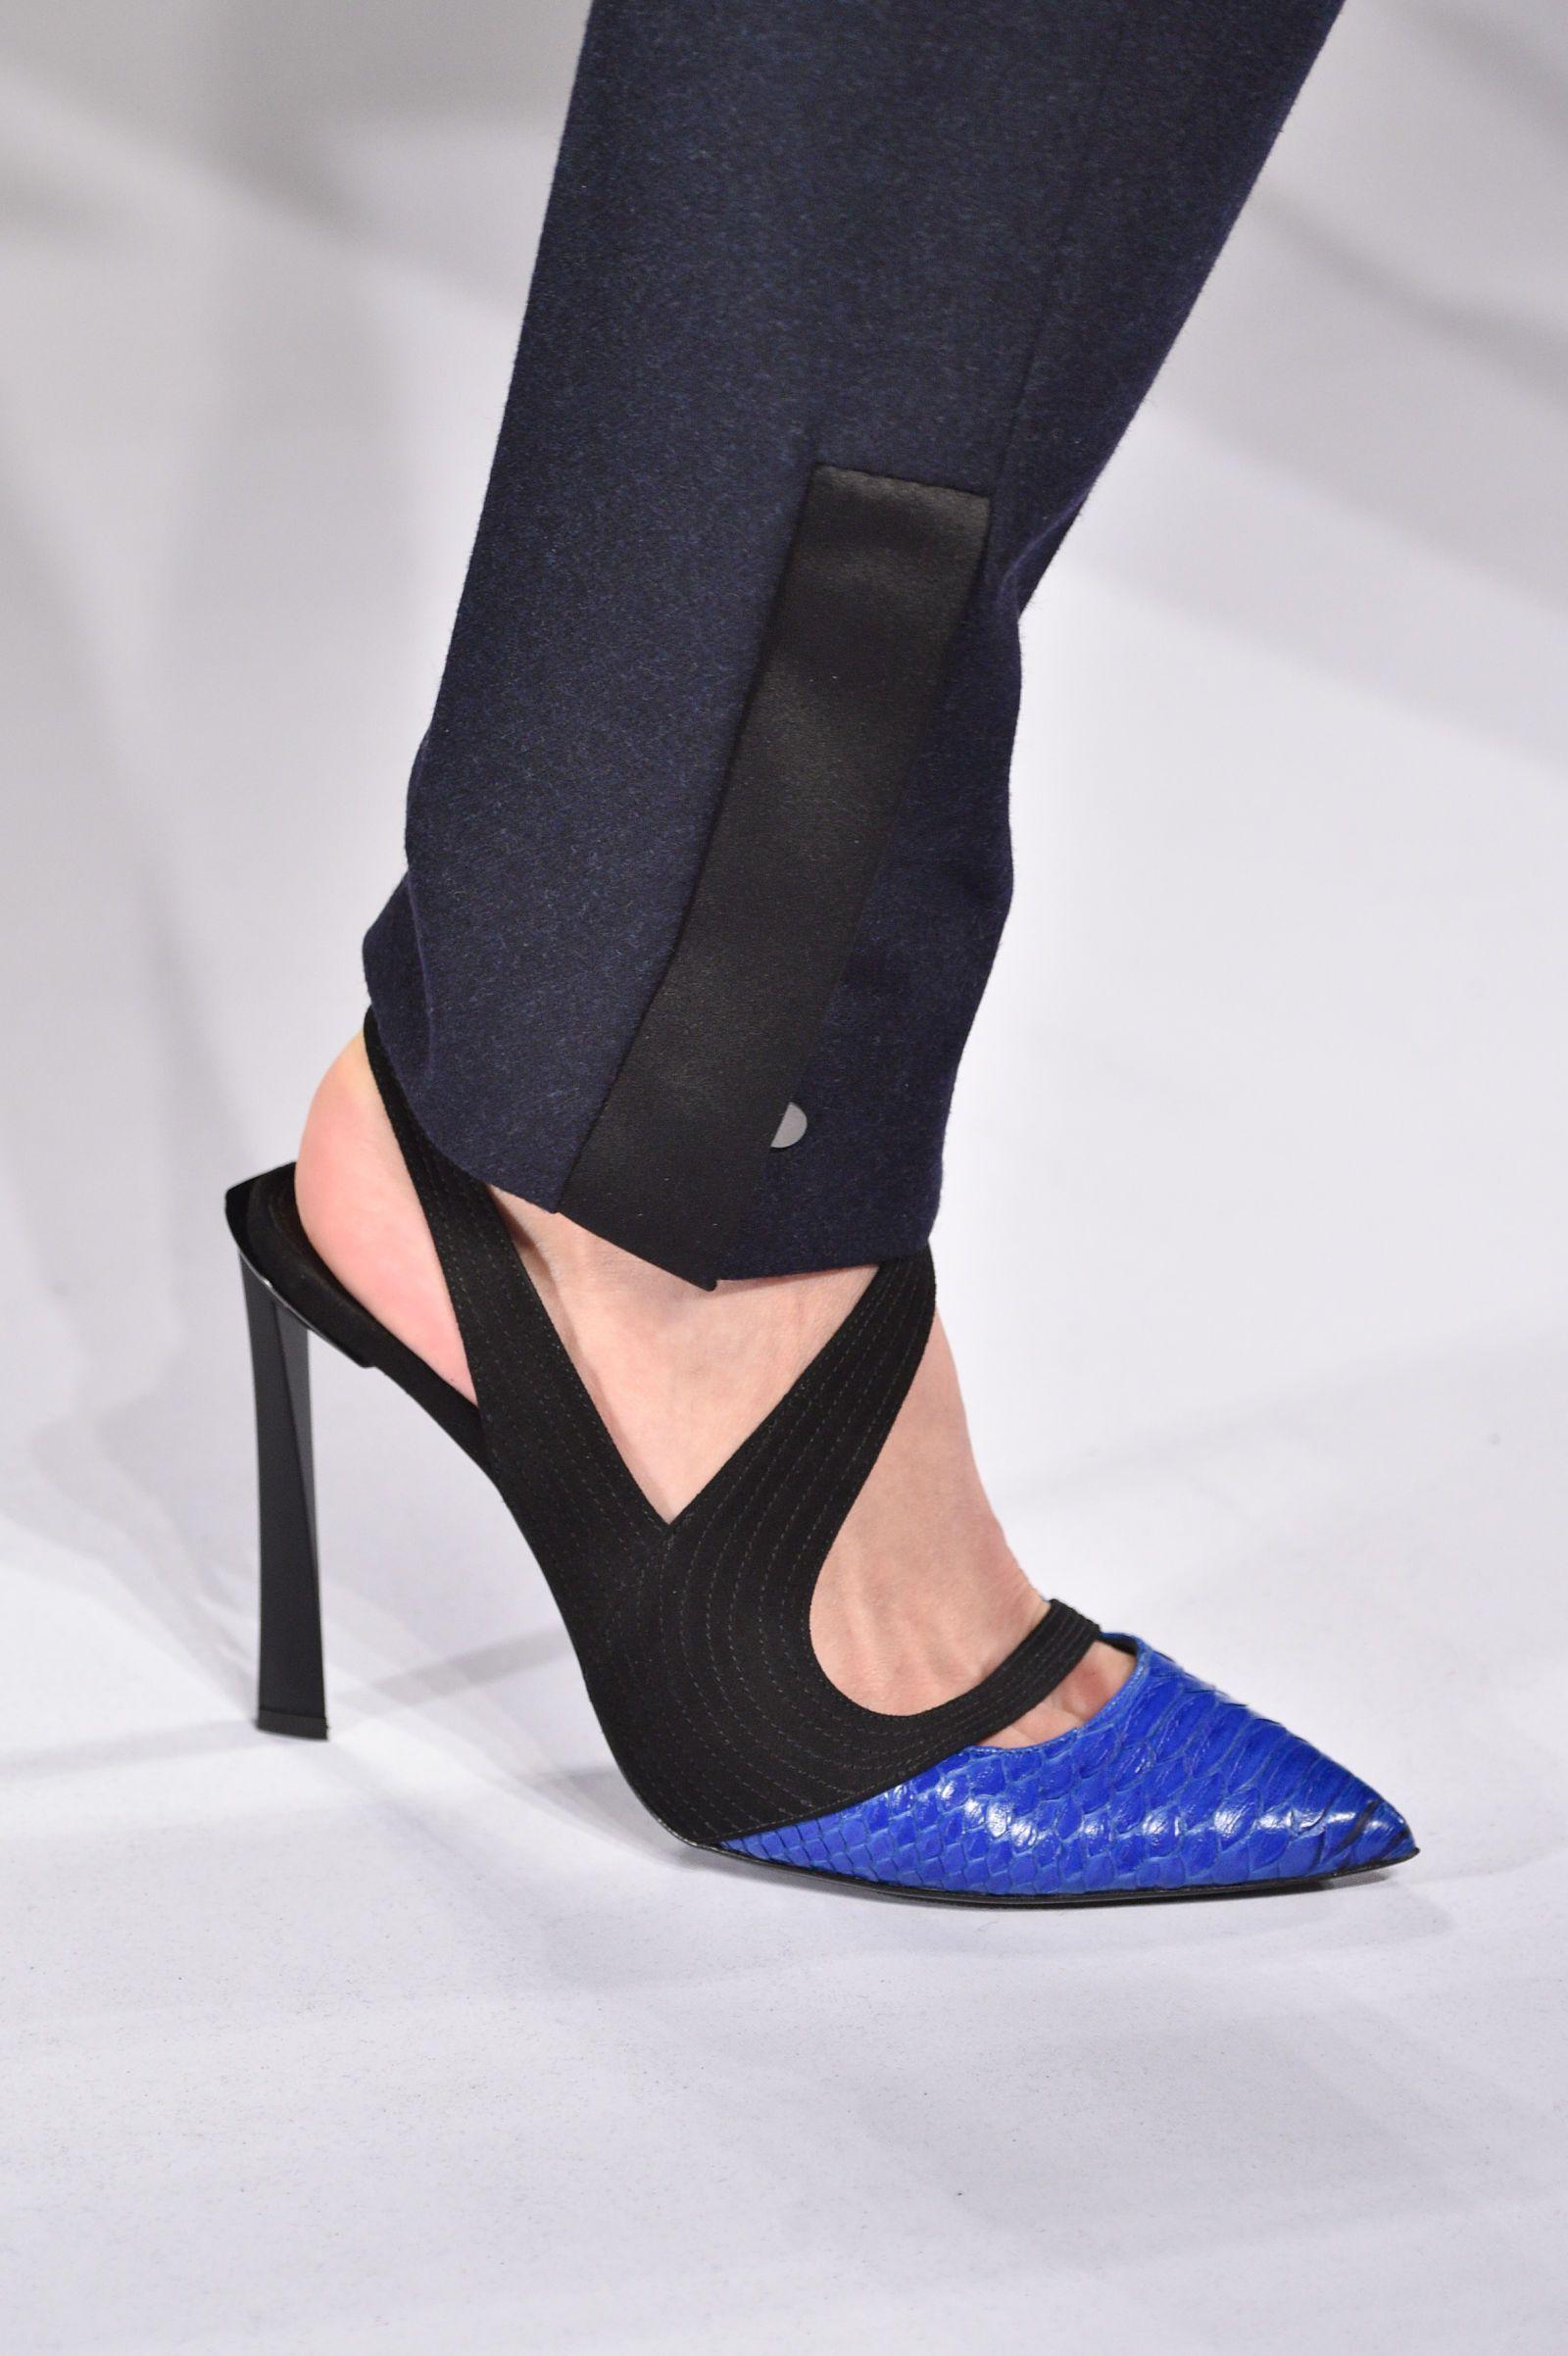 Le scarpe che detteranno la moda il prossimo inverno 2019 tra grandi  classici e colpi di fulmine - Gioia.it 6e5a50d08ce